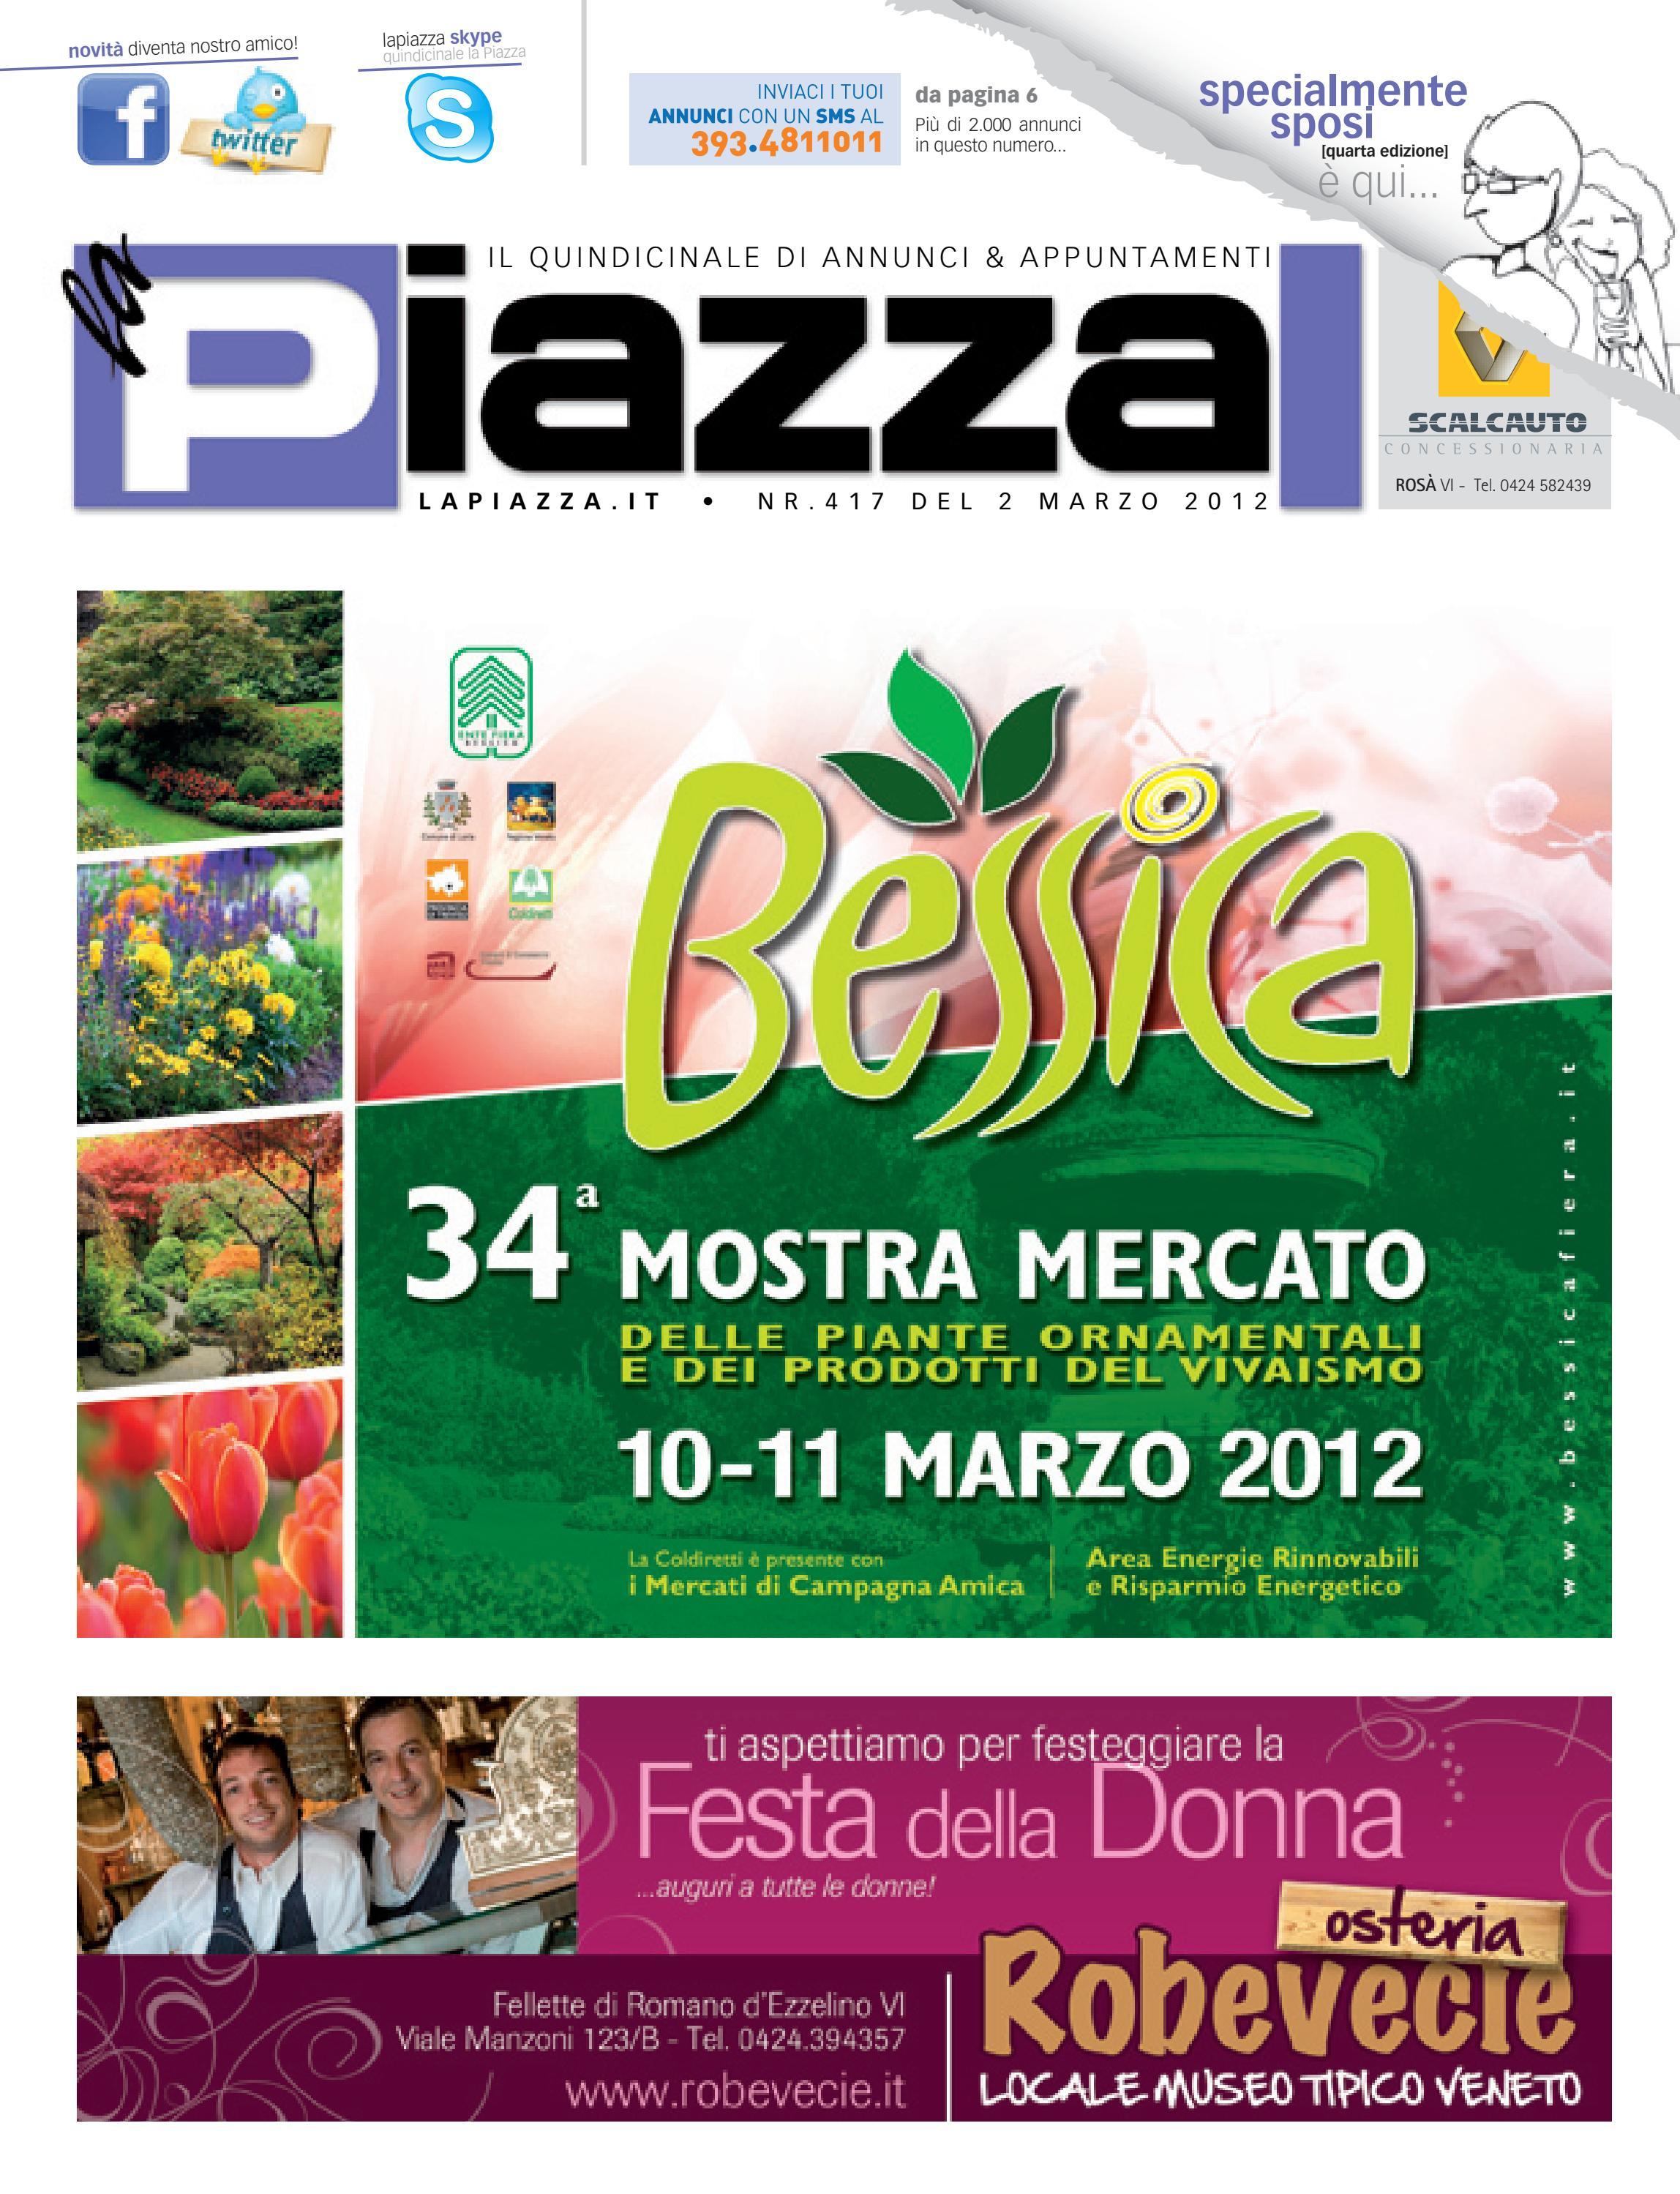 la Piazza 417 by la Piazza di Cavazzin Daniele - issuu 778ed84ecbe5